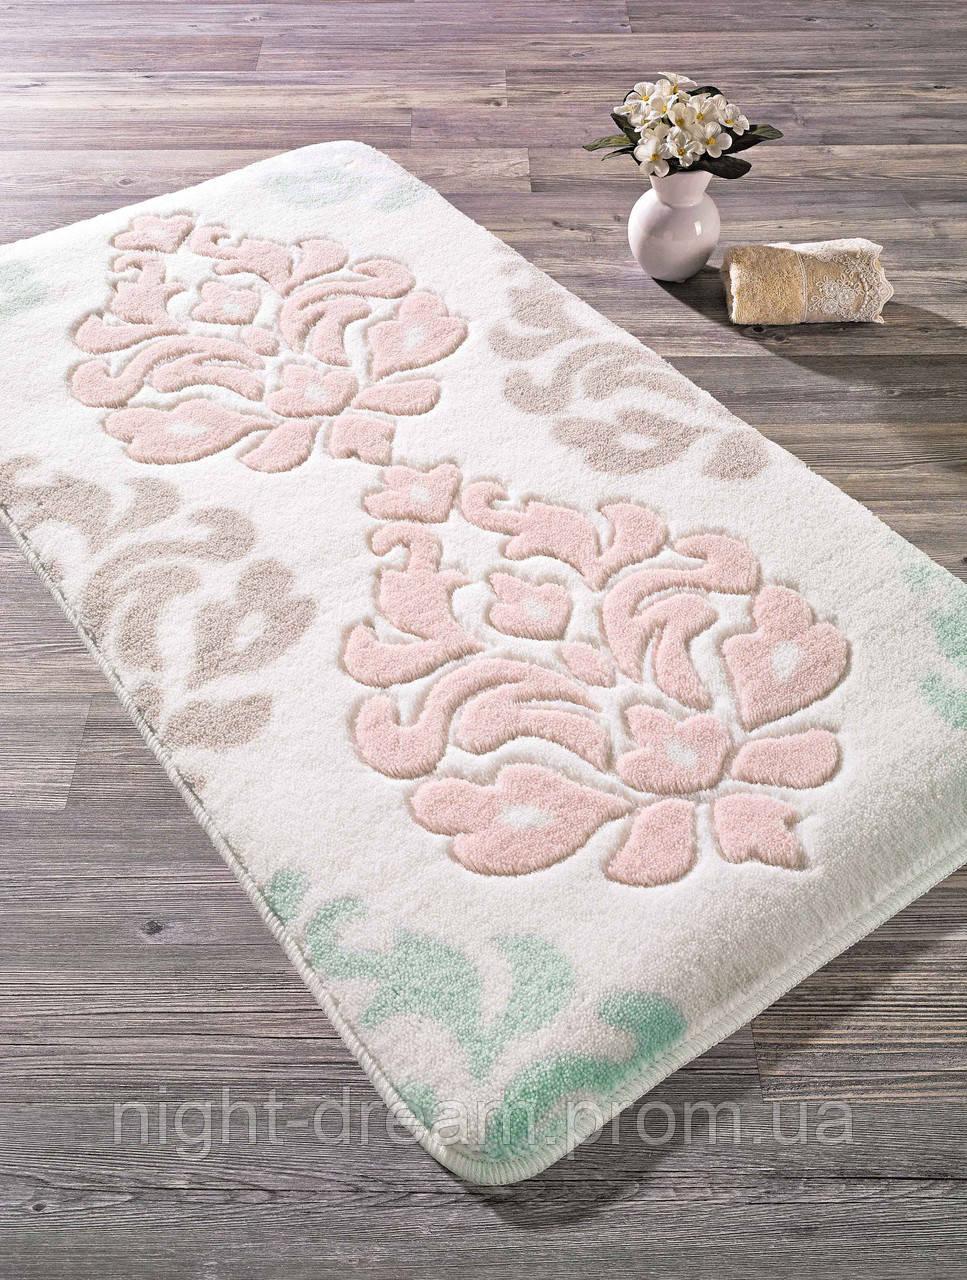 Коврик 55х57 Confetti Bella Damask розовый